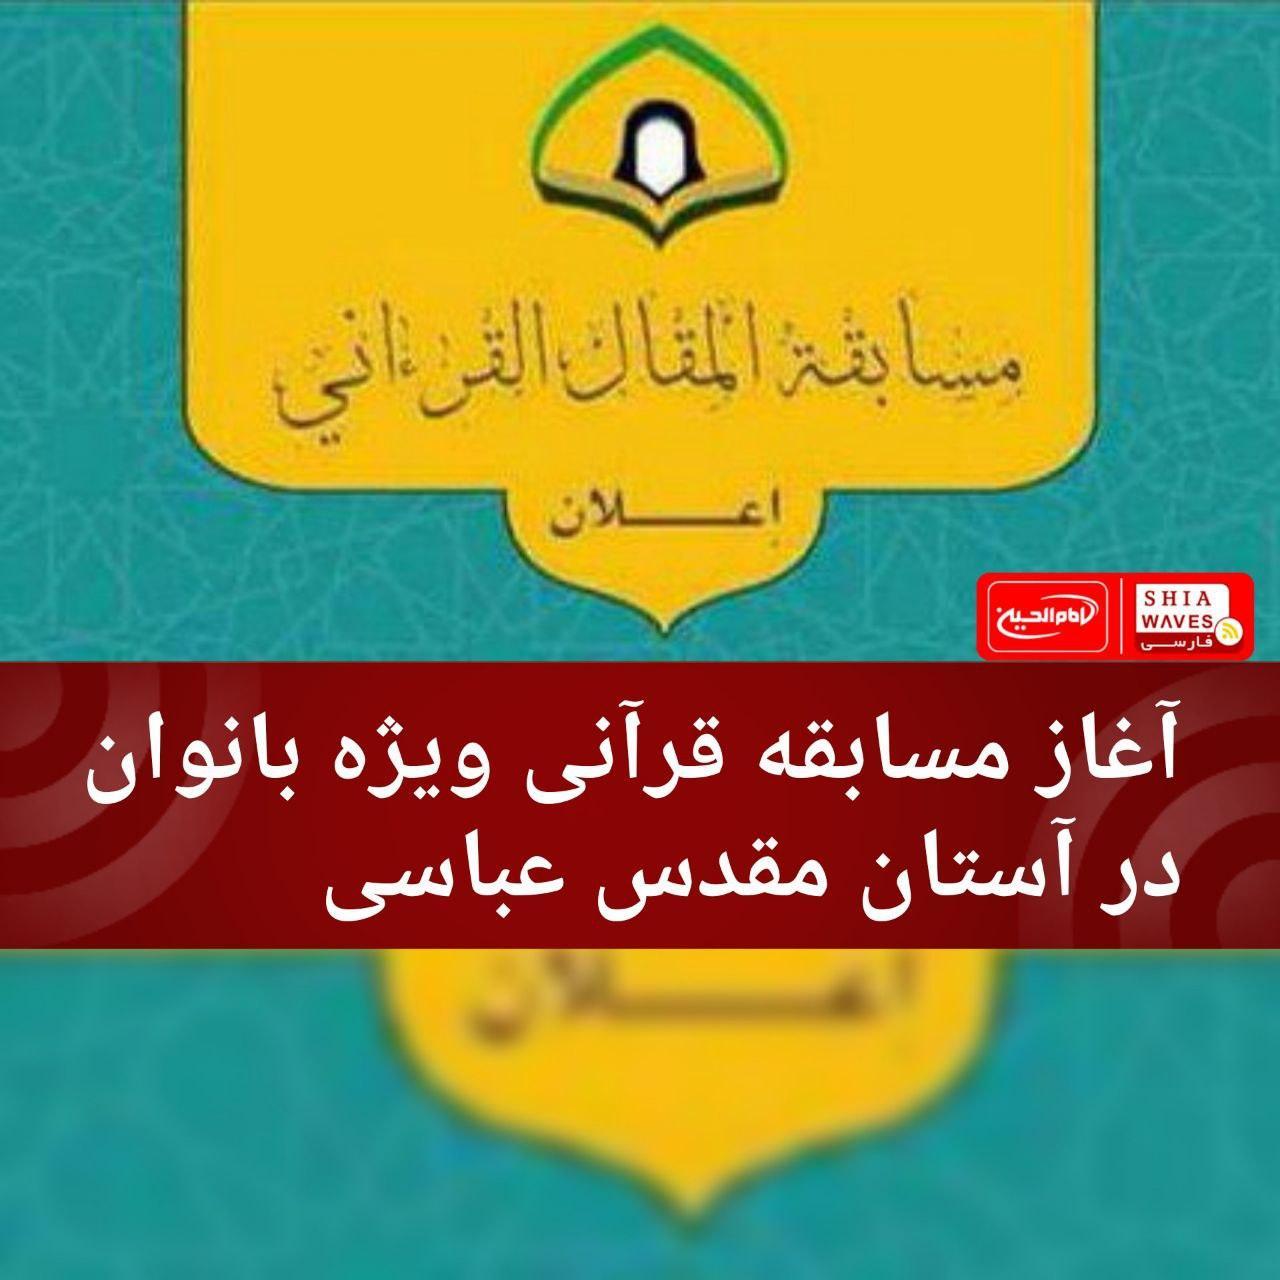 تصویر آغاز مسابقه قرآنی ویژه بانوان در آستان مقدس عباسی